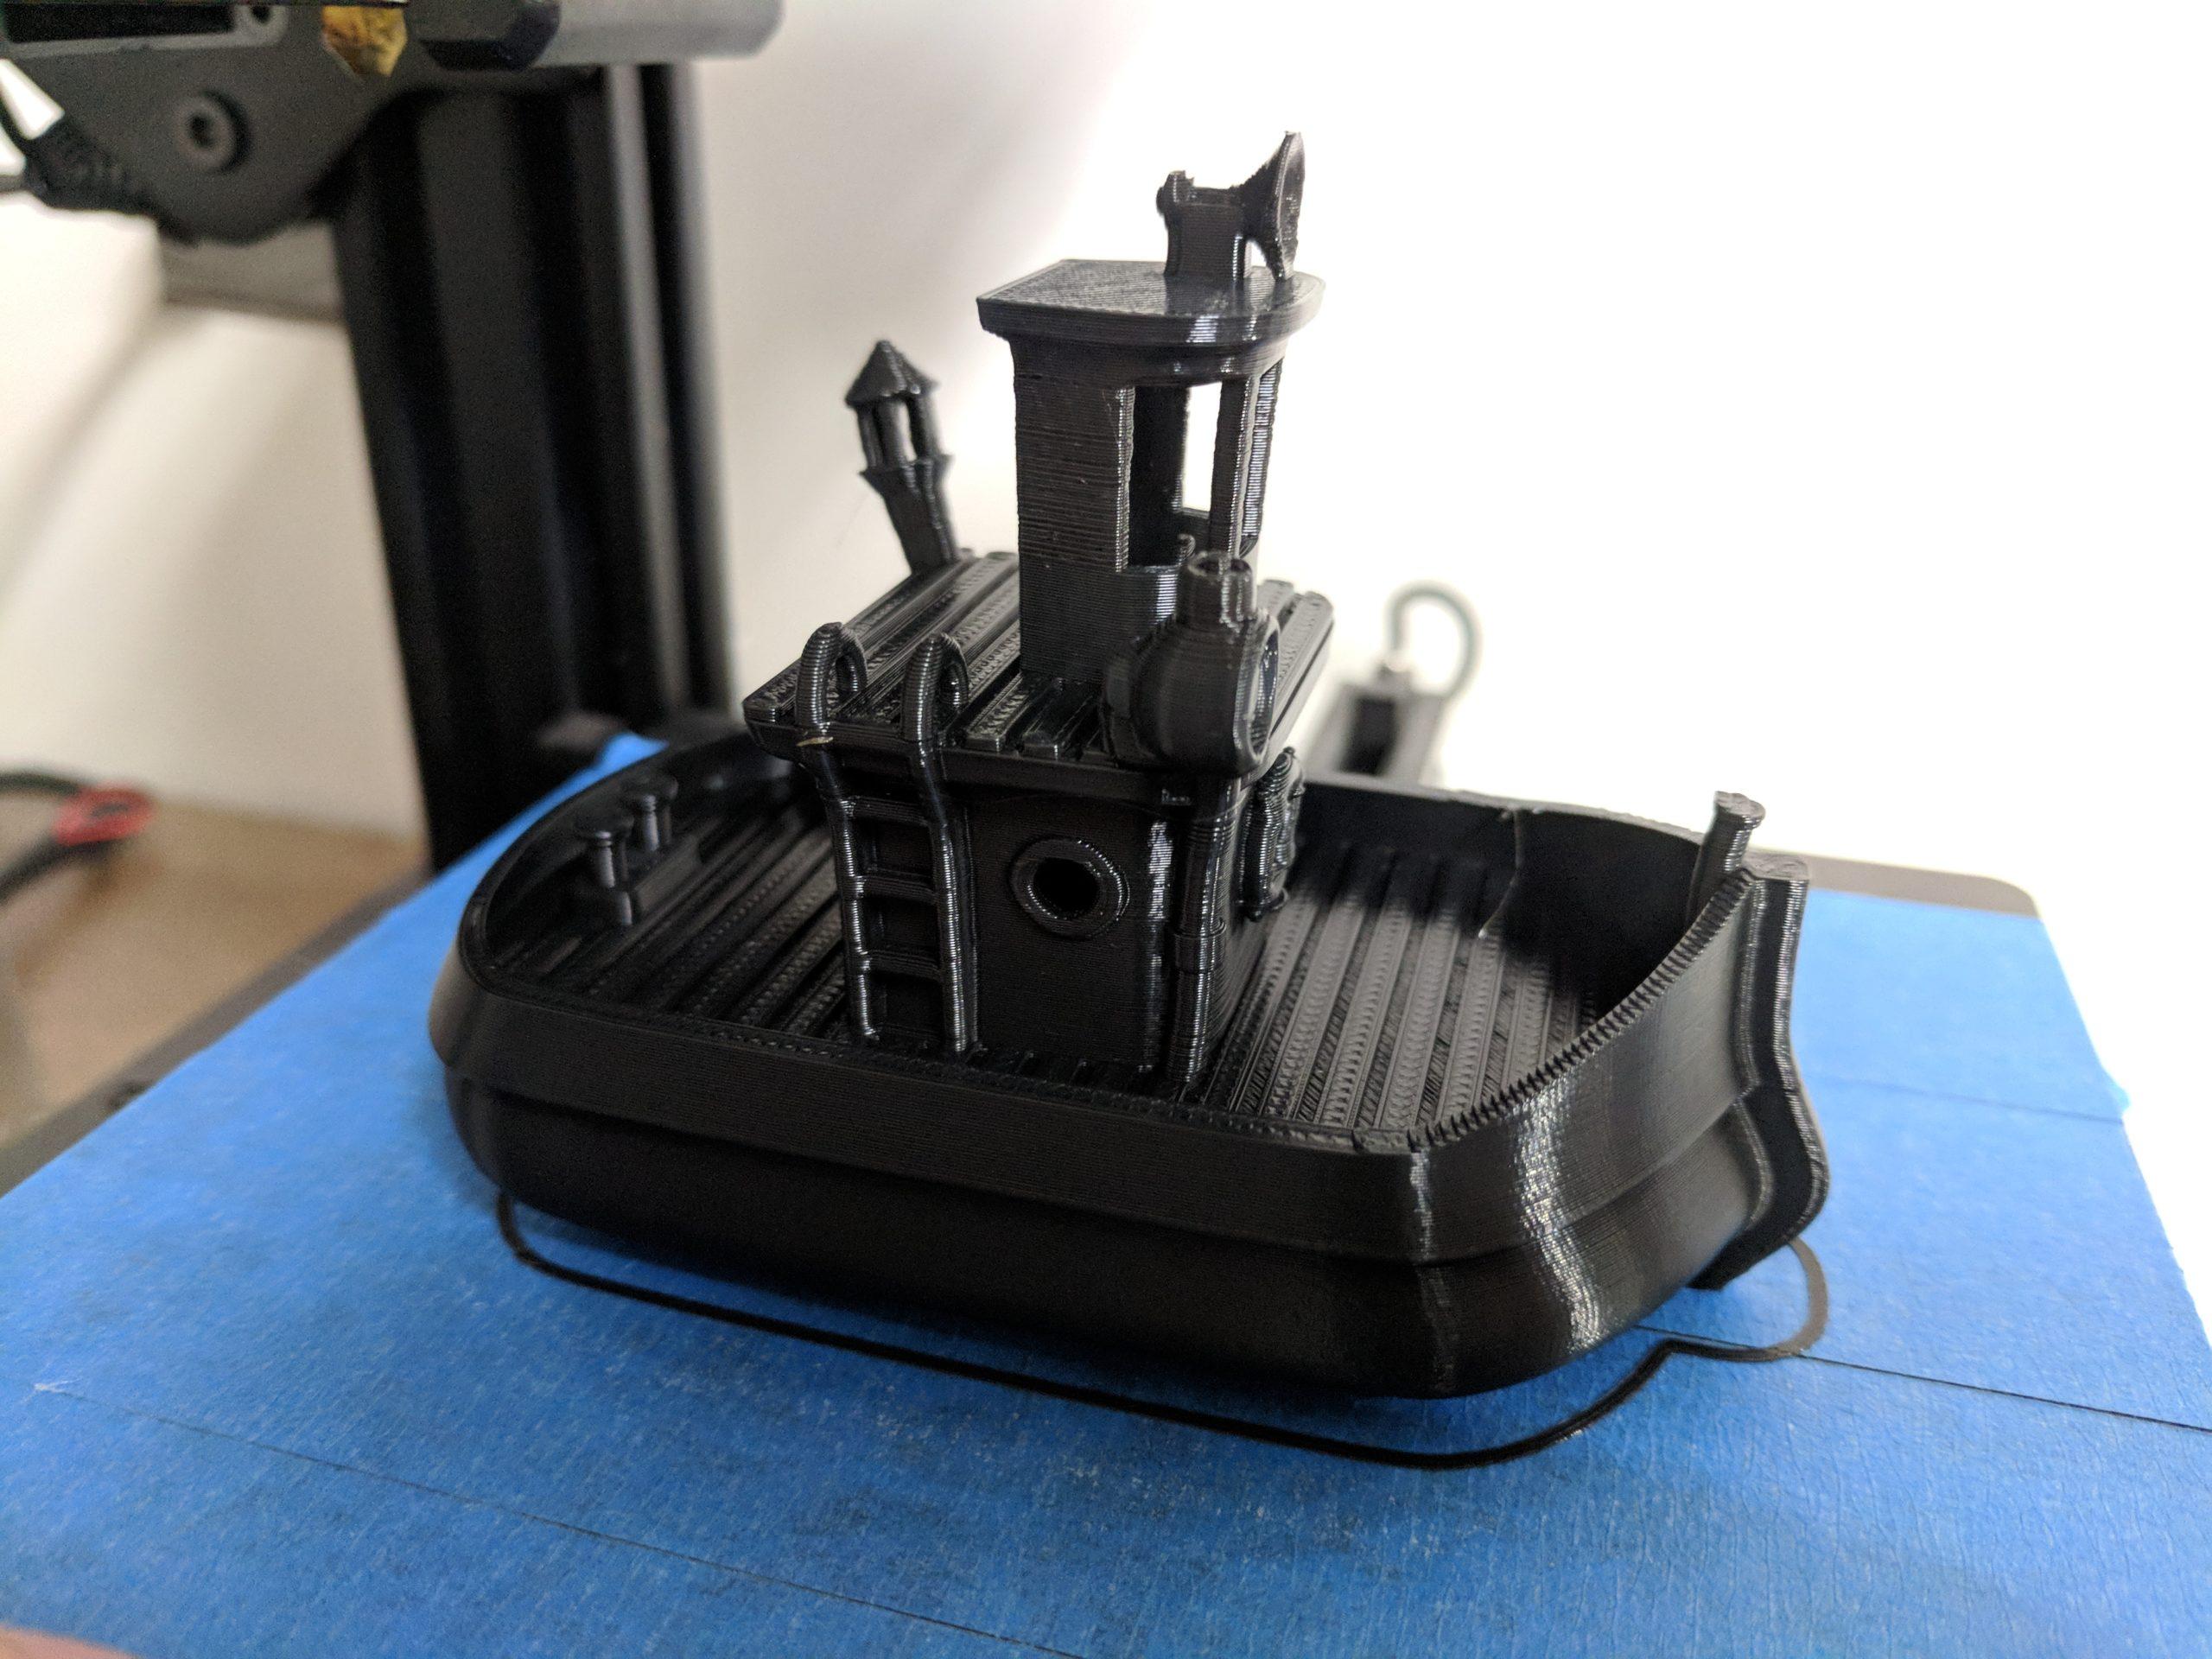 Tevo Michelangelo Boat Test 1